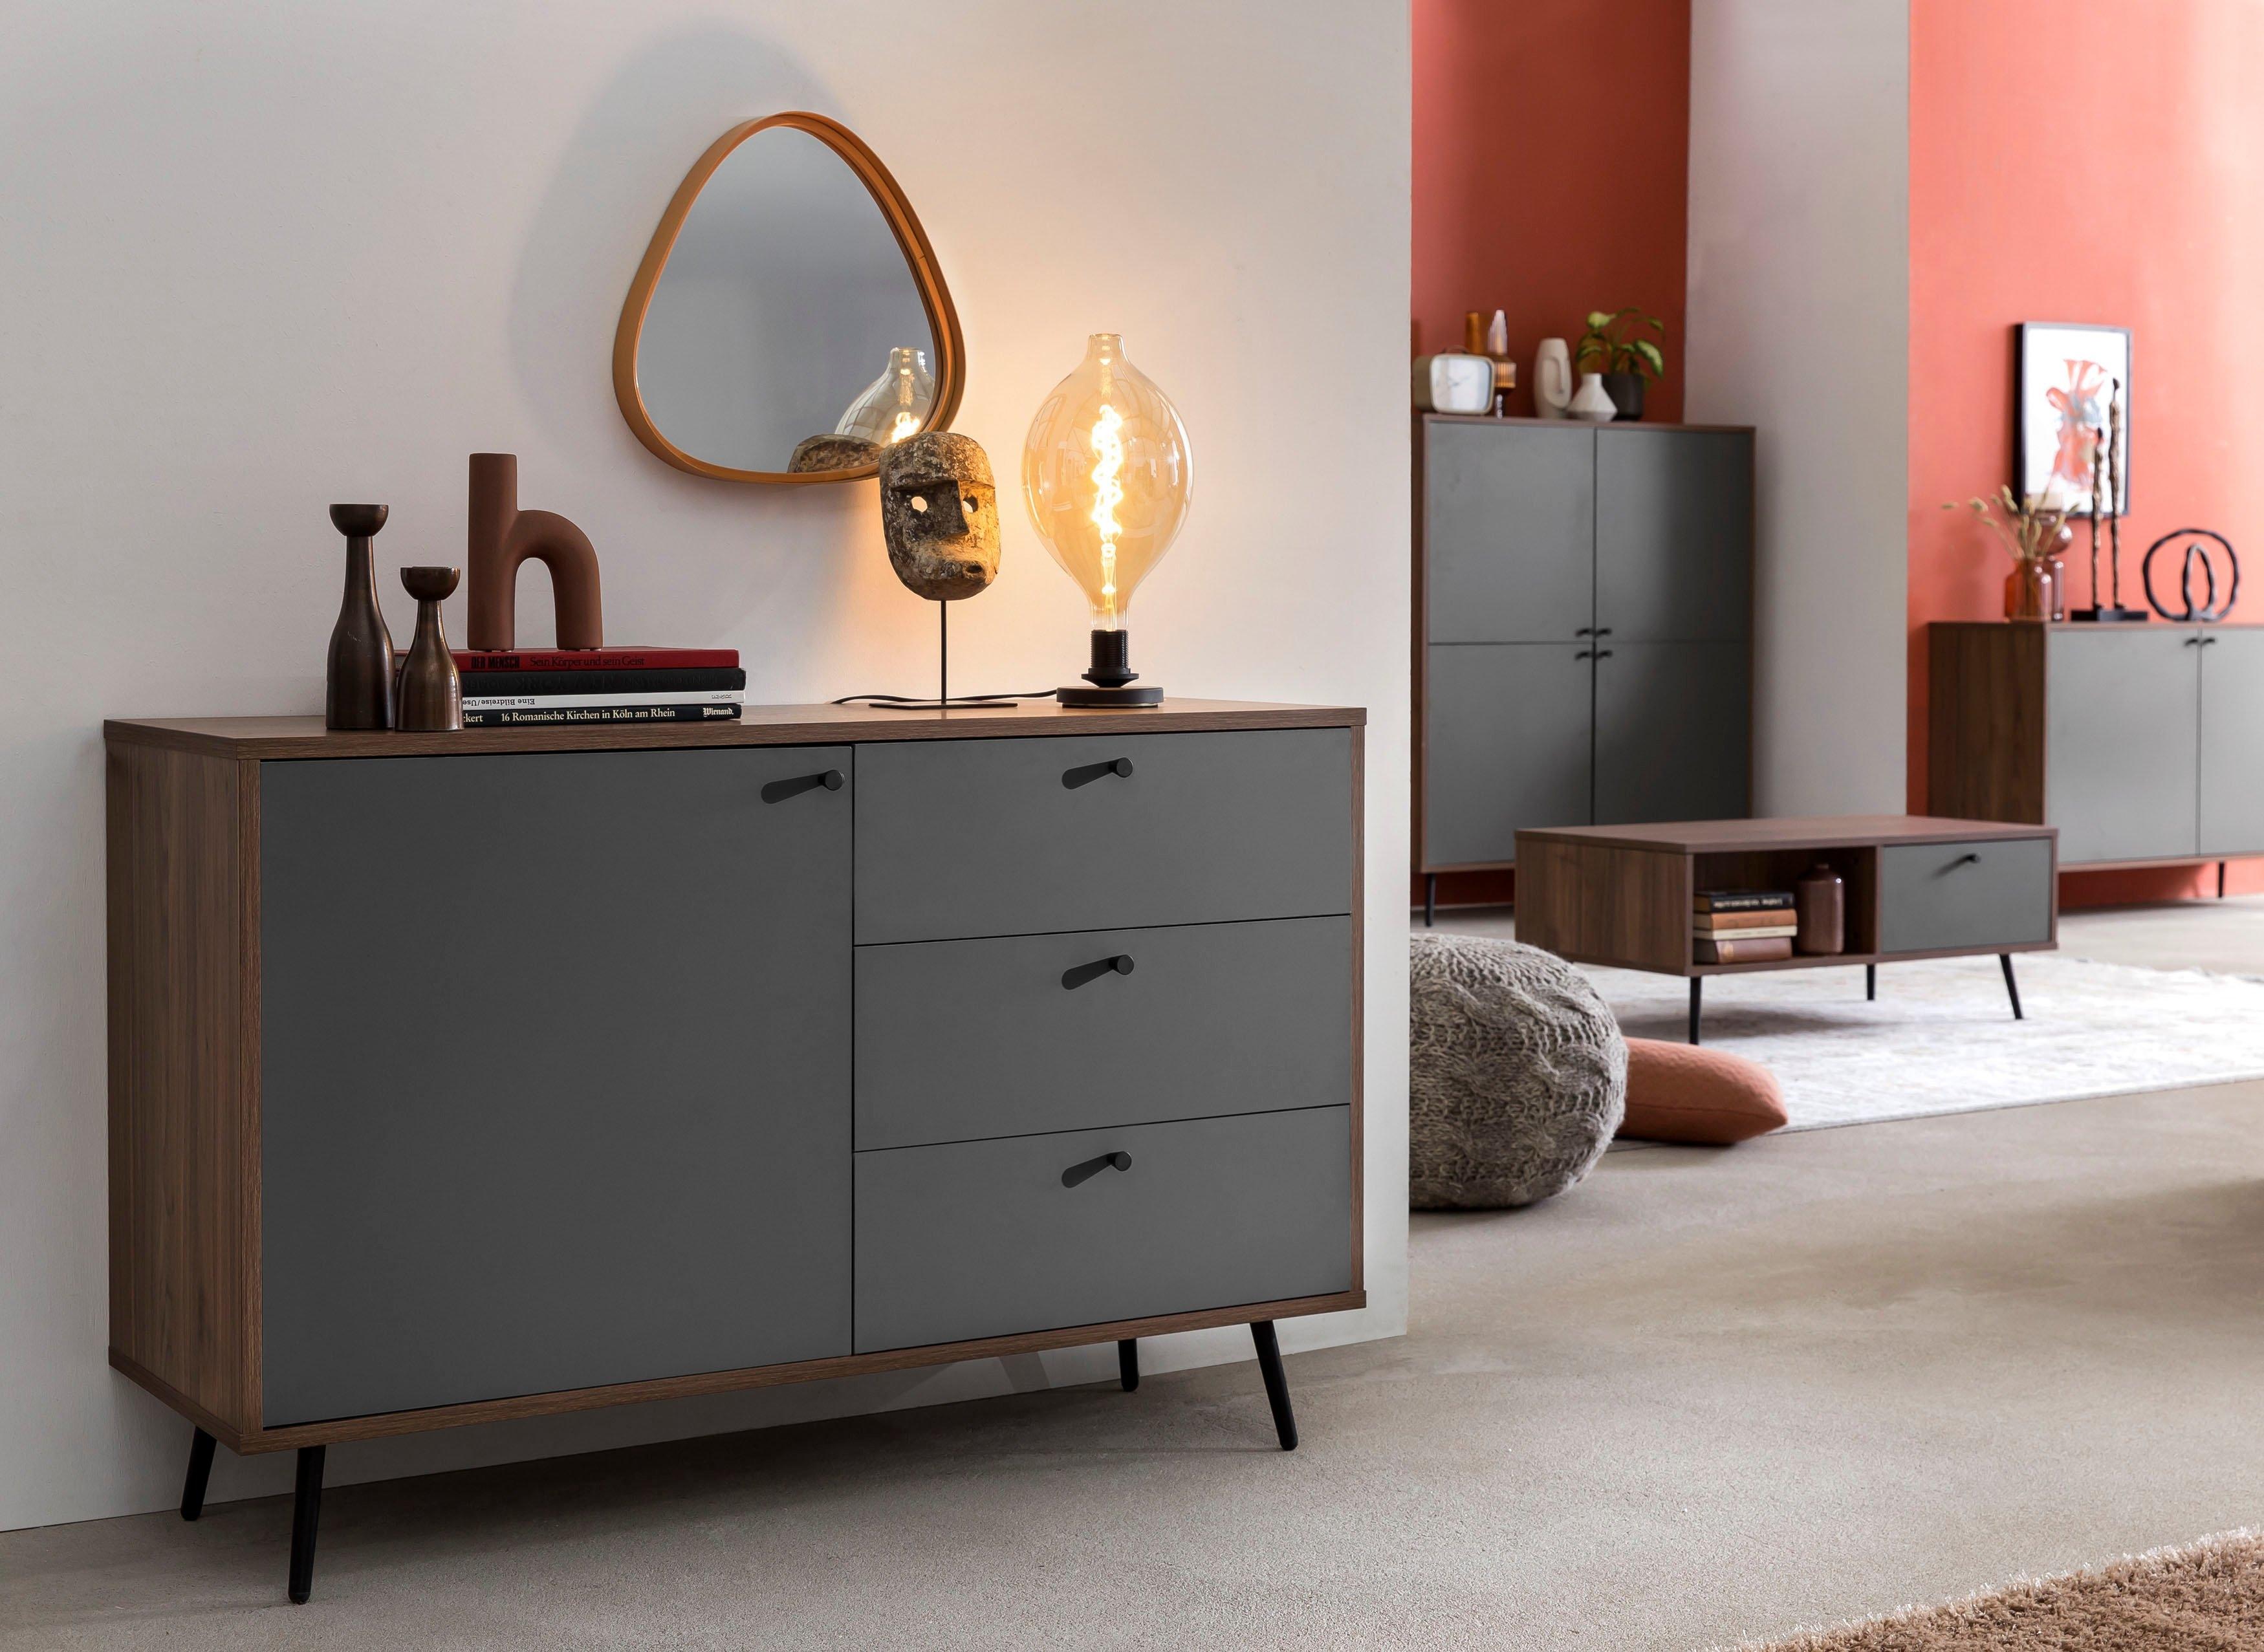 SalesFever dressoir in moderne kleurencombinatie van walnoot en grijs veilig op otto.nl kopen